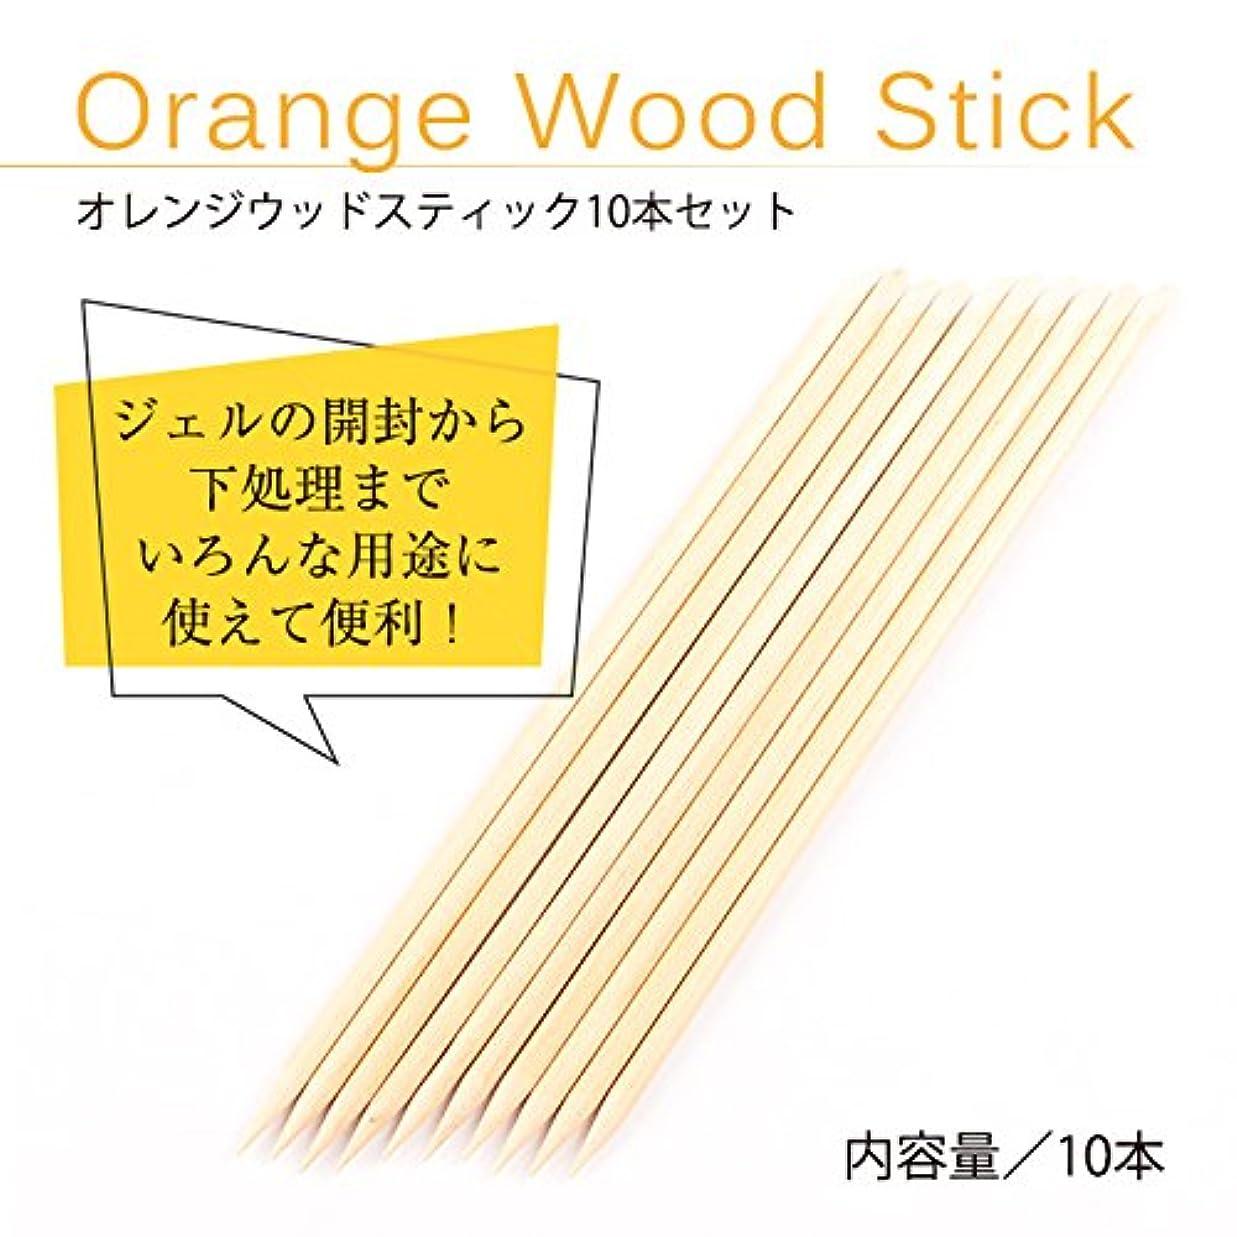 ペット蓋セントオレンジ ウッドスティック 10本セット ジェルネイル